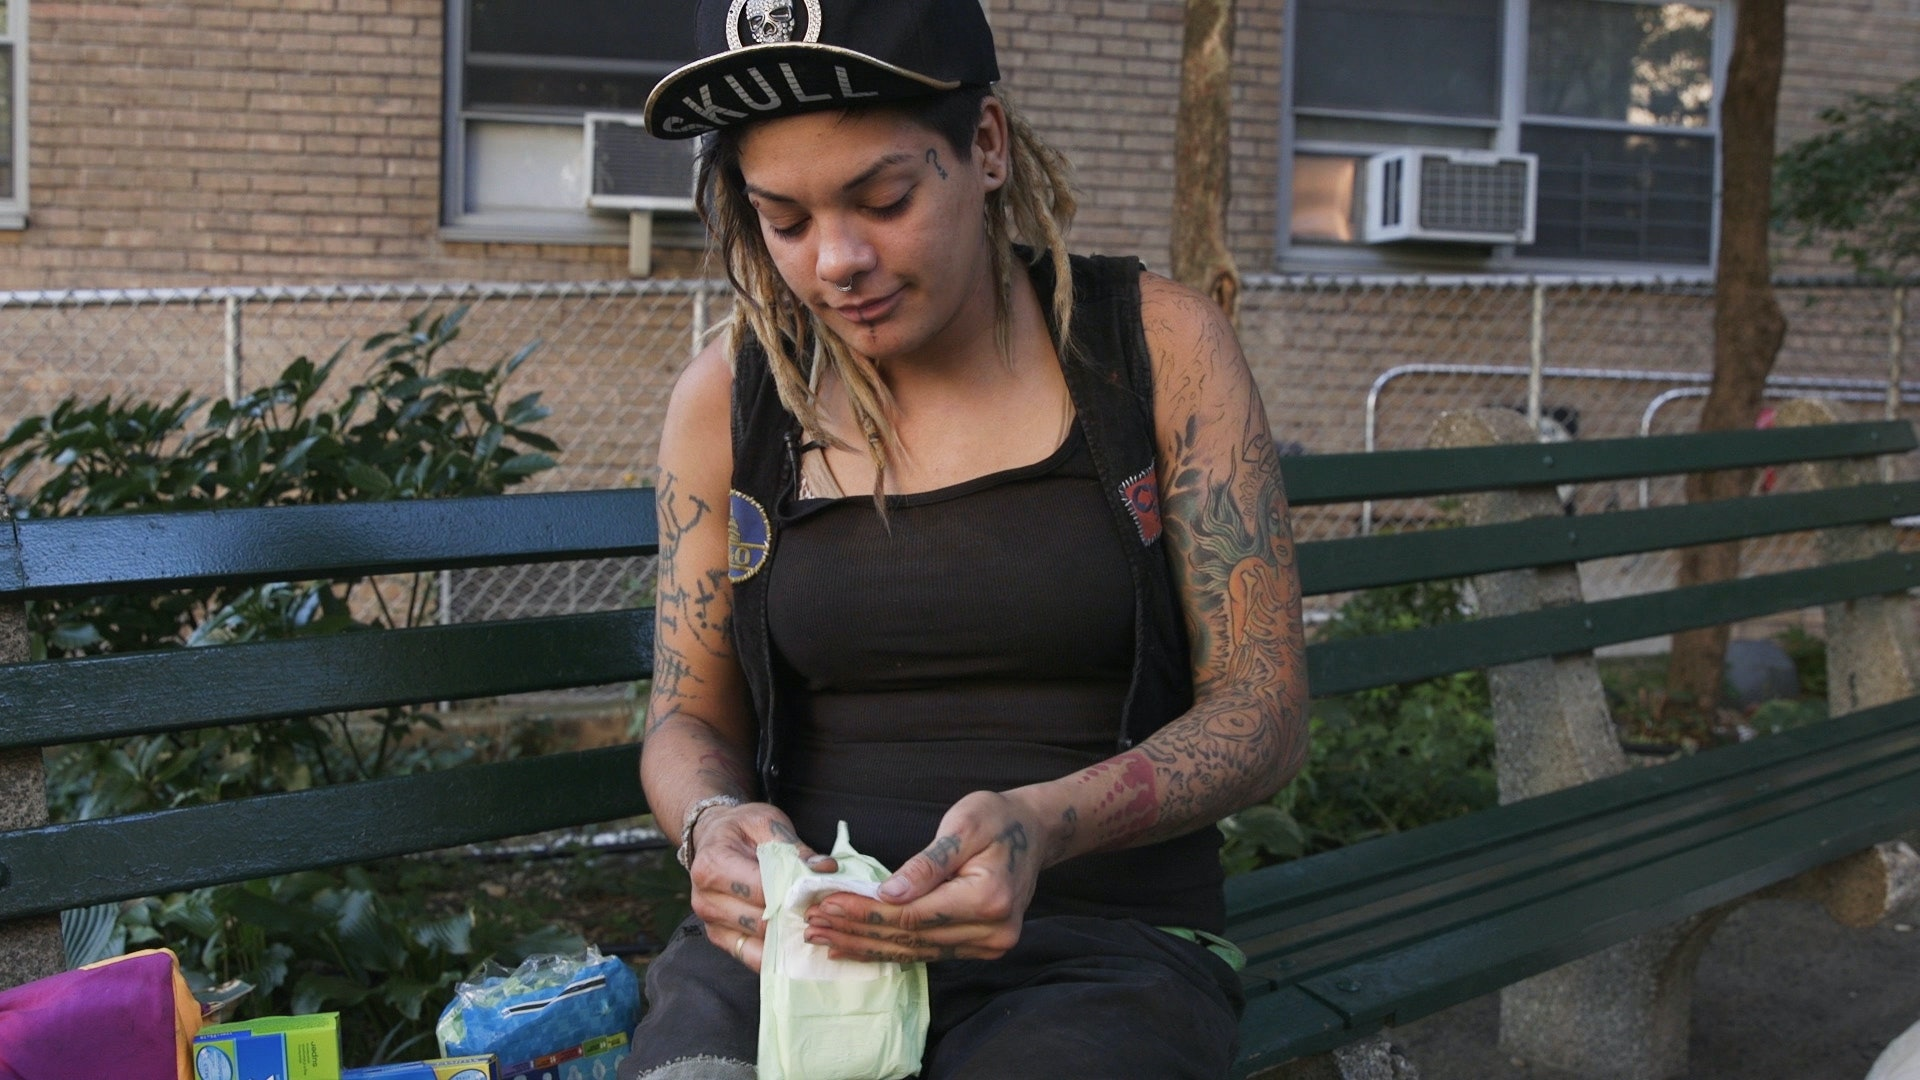 Hot homeless girl forced